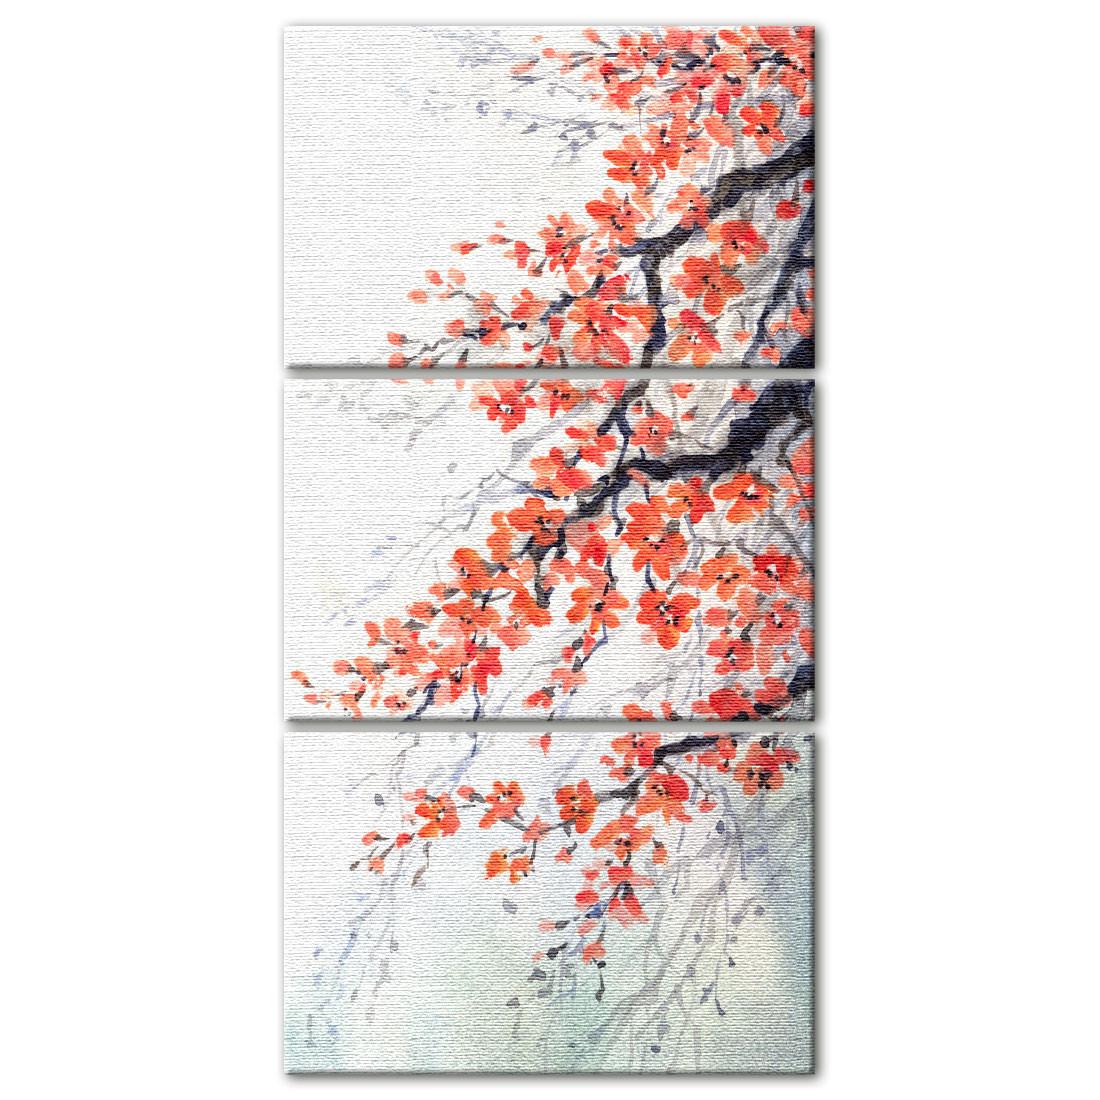 Quadro Decorativo em Canvas Galho Cerejeira